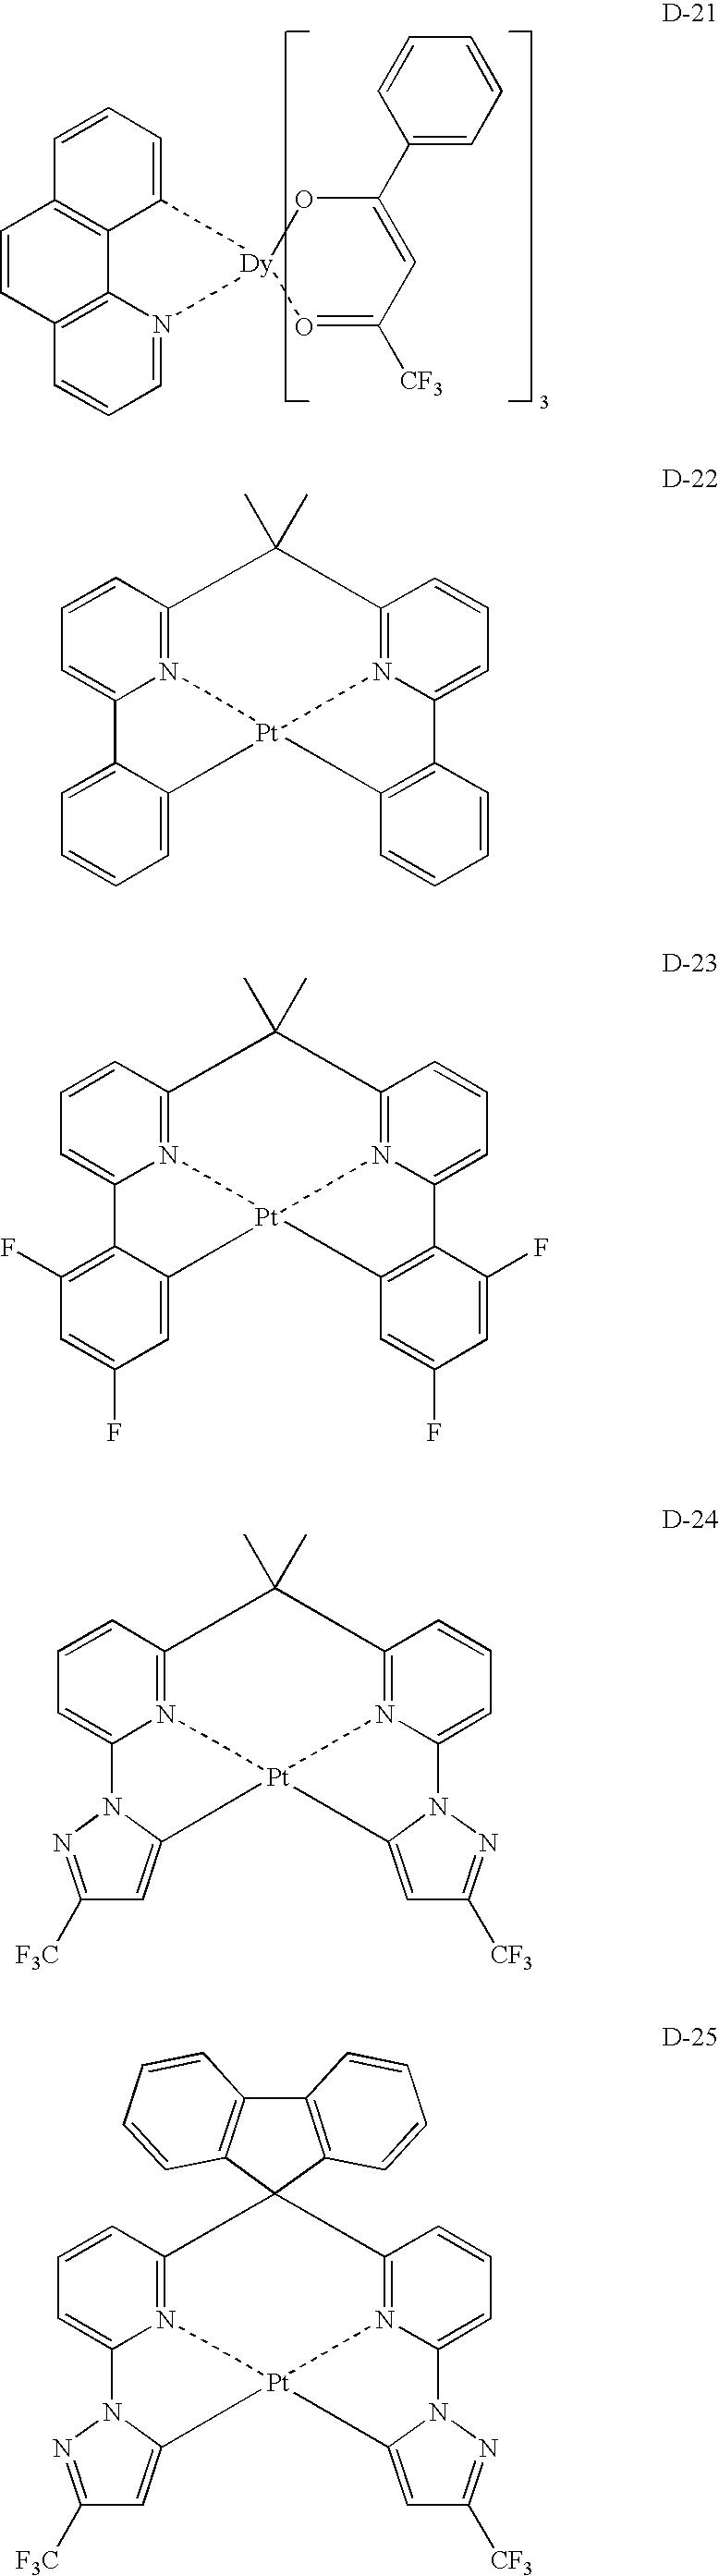 Figure US20090001360A1-20090101-C00005